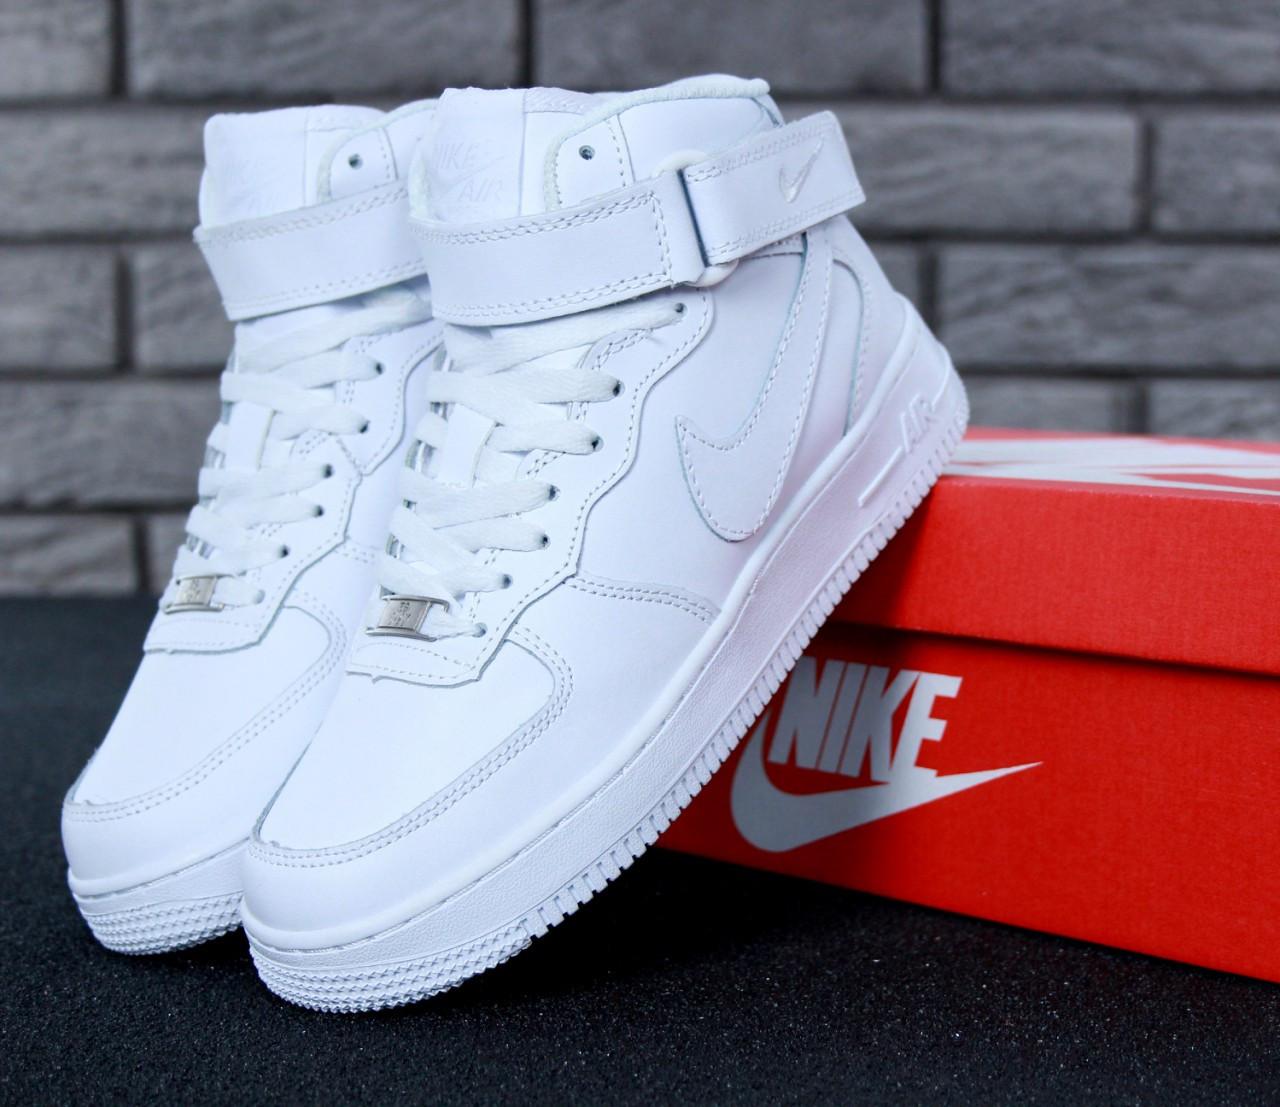 Зимние кроссовки Nike Air Force Brown с мехом, мужские кроссовки. ТОП Реплика ААА класса.